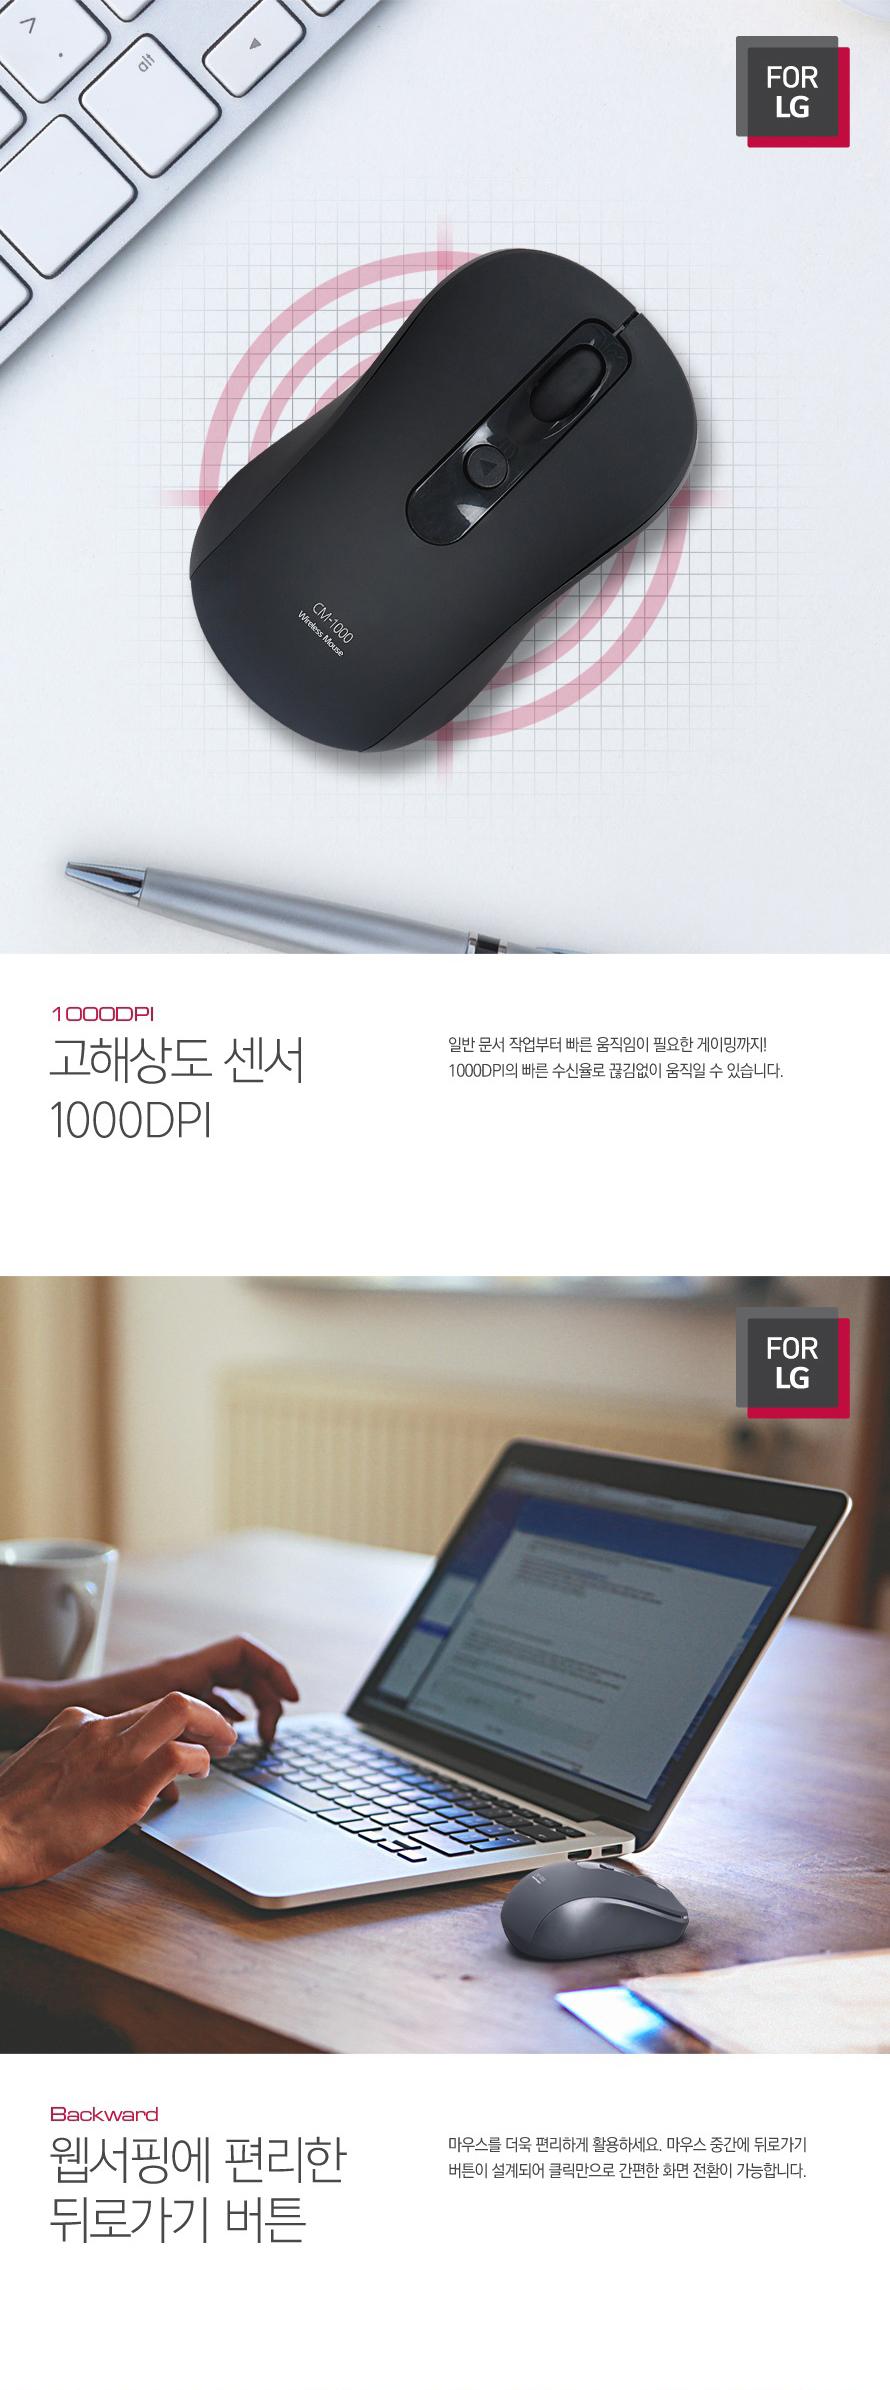 청맥전자 For LG CM-1000